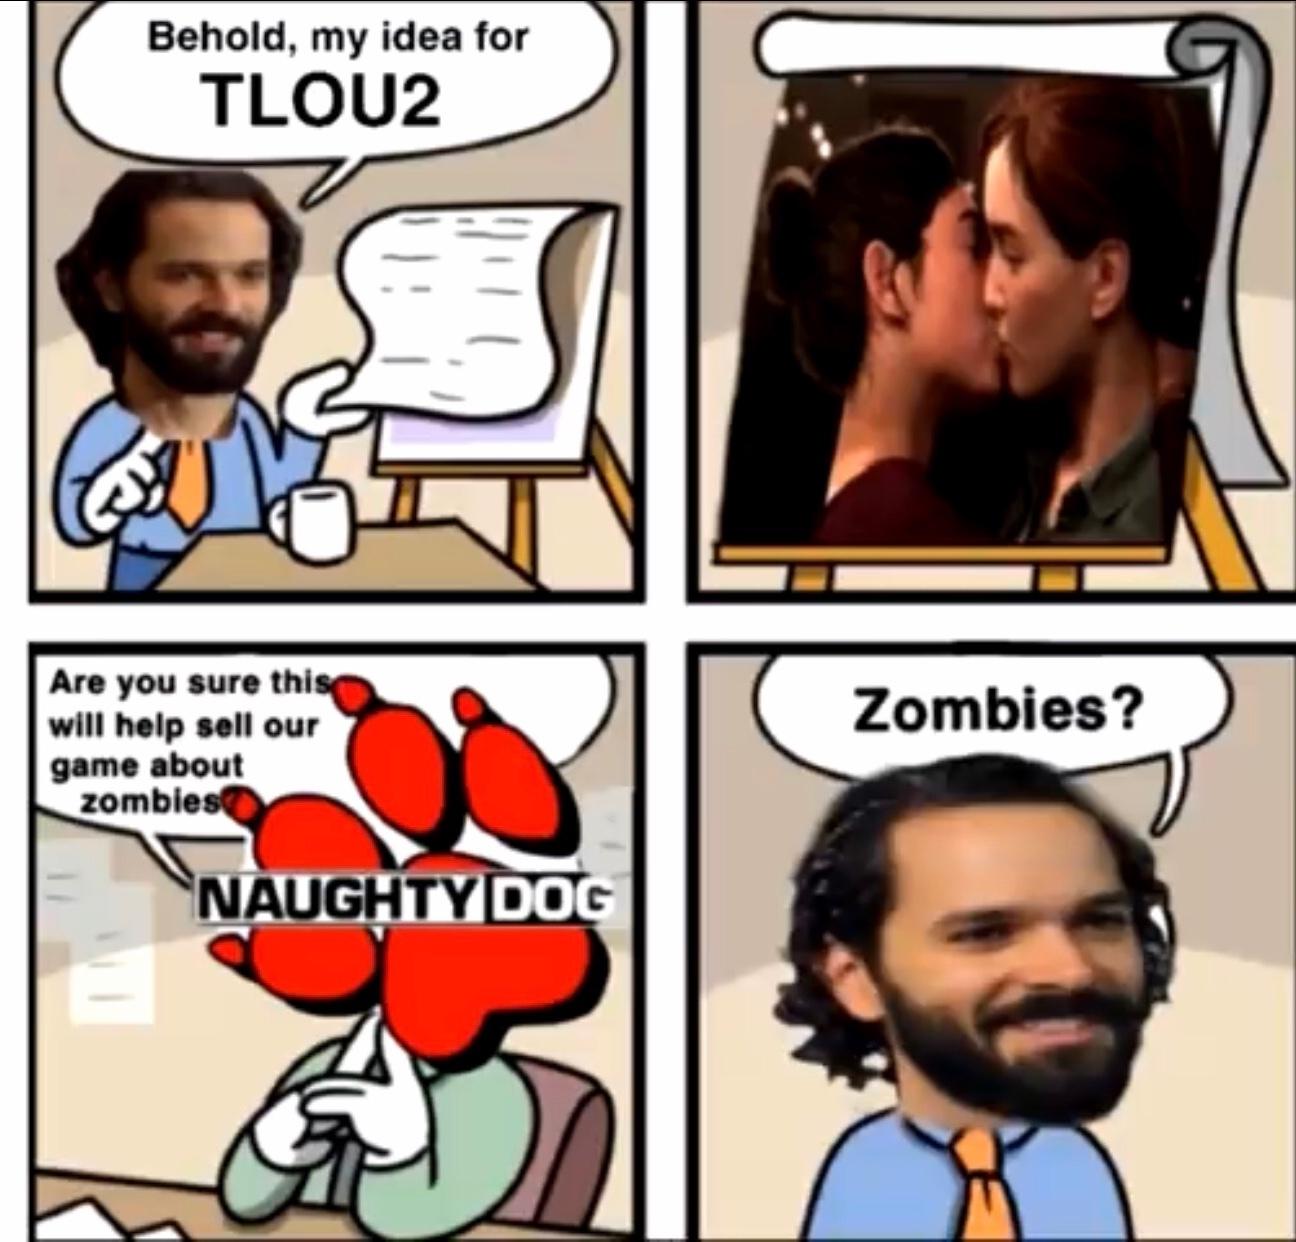 lou2 is shit - meme